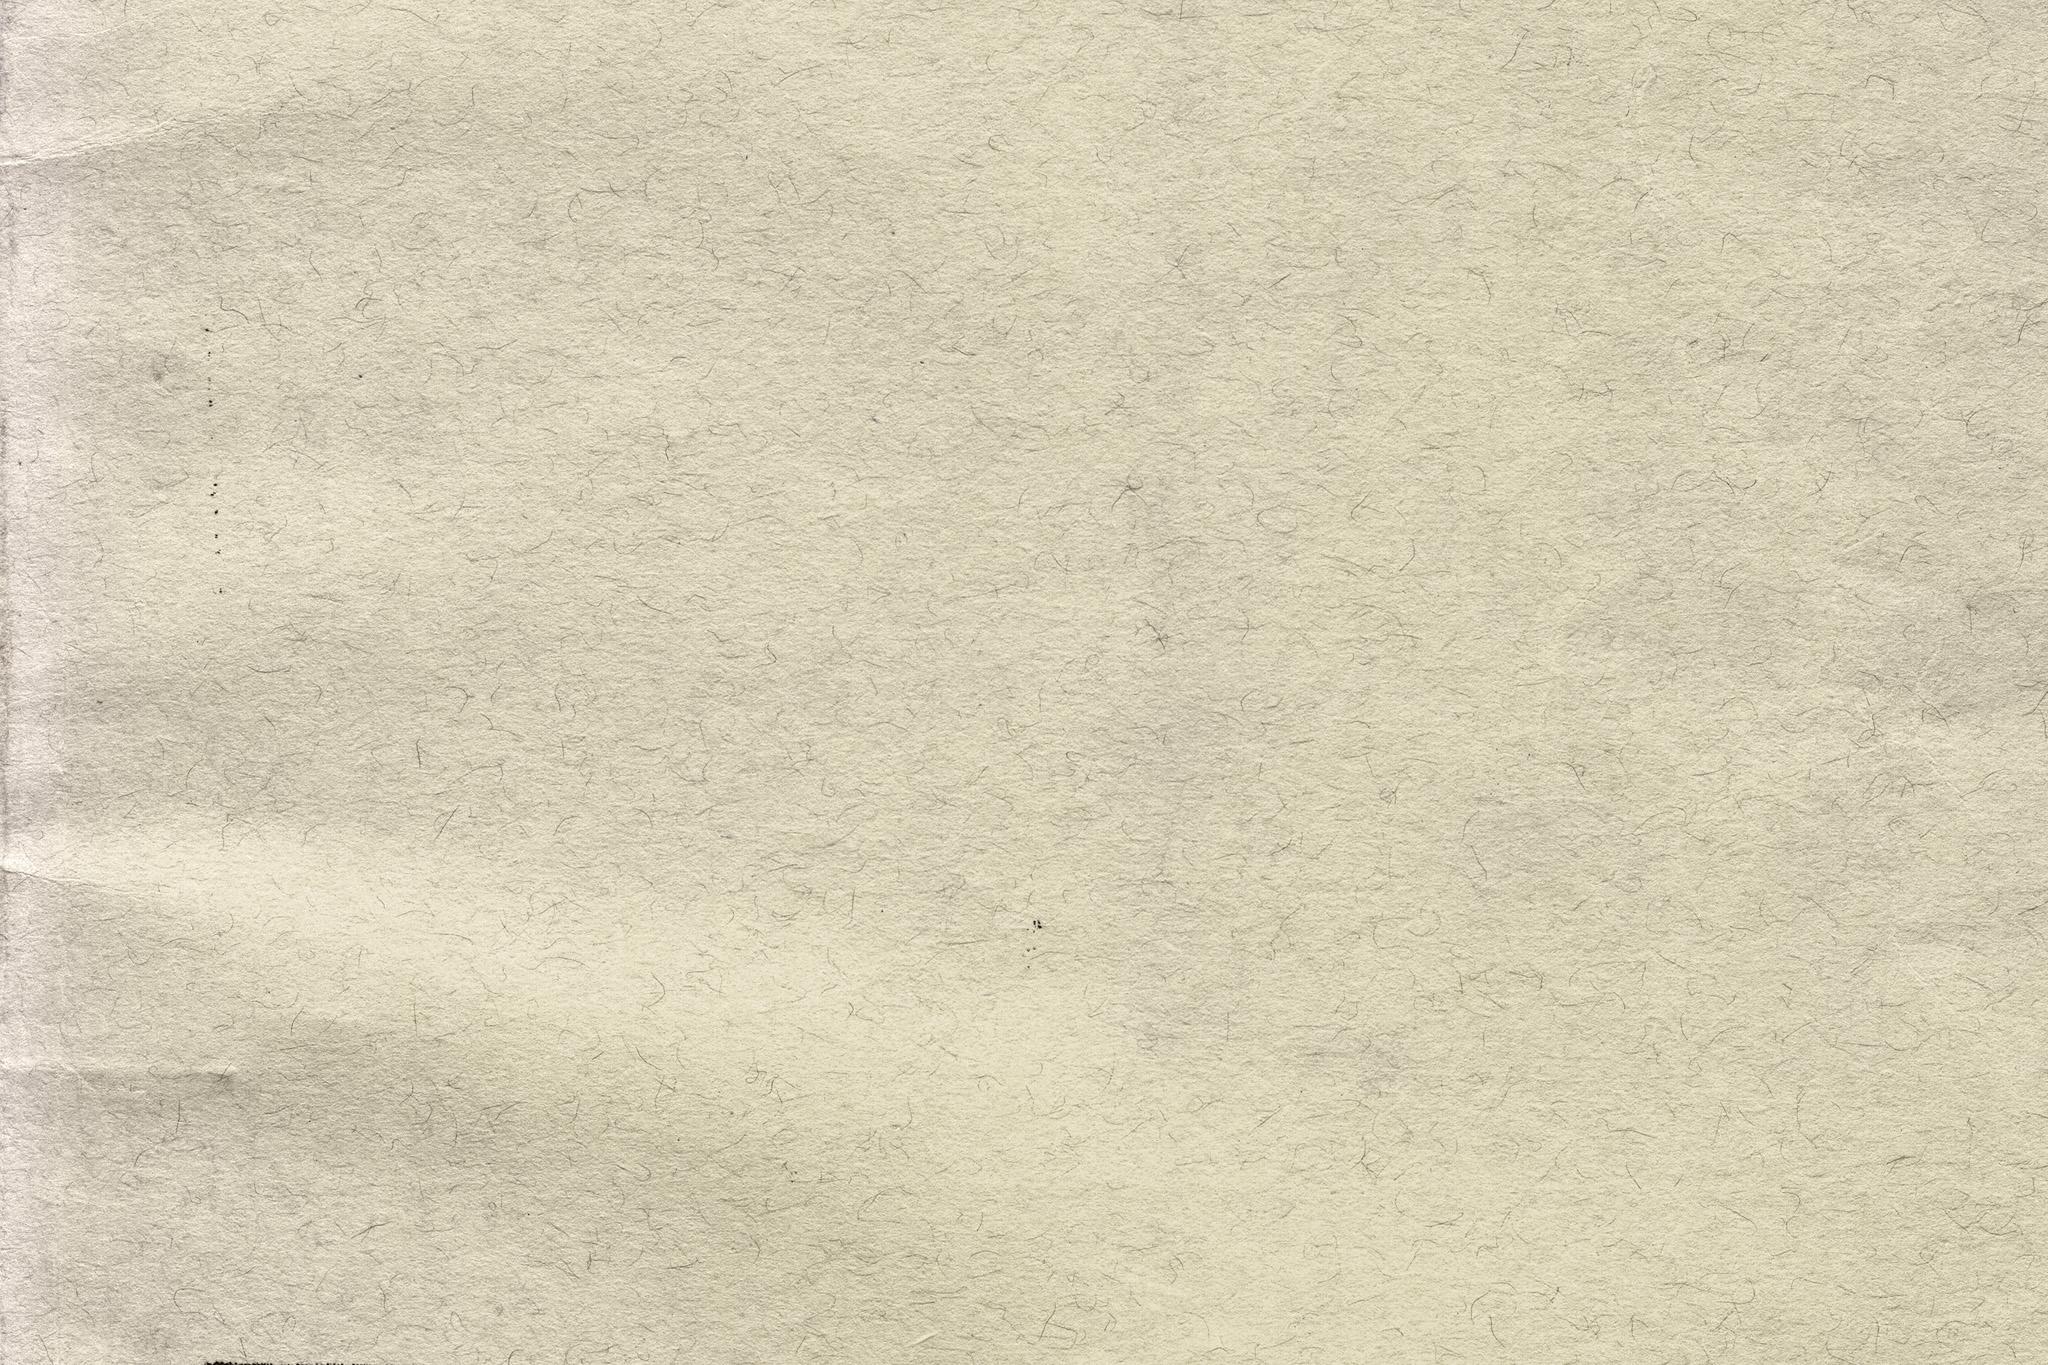 「端が日焼けした古い紙」の素材を無料ダウンロード